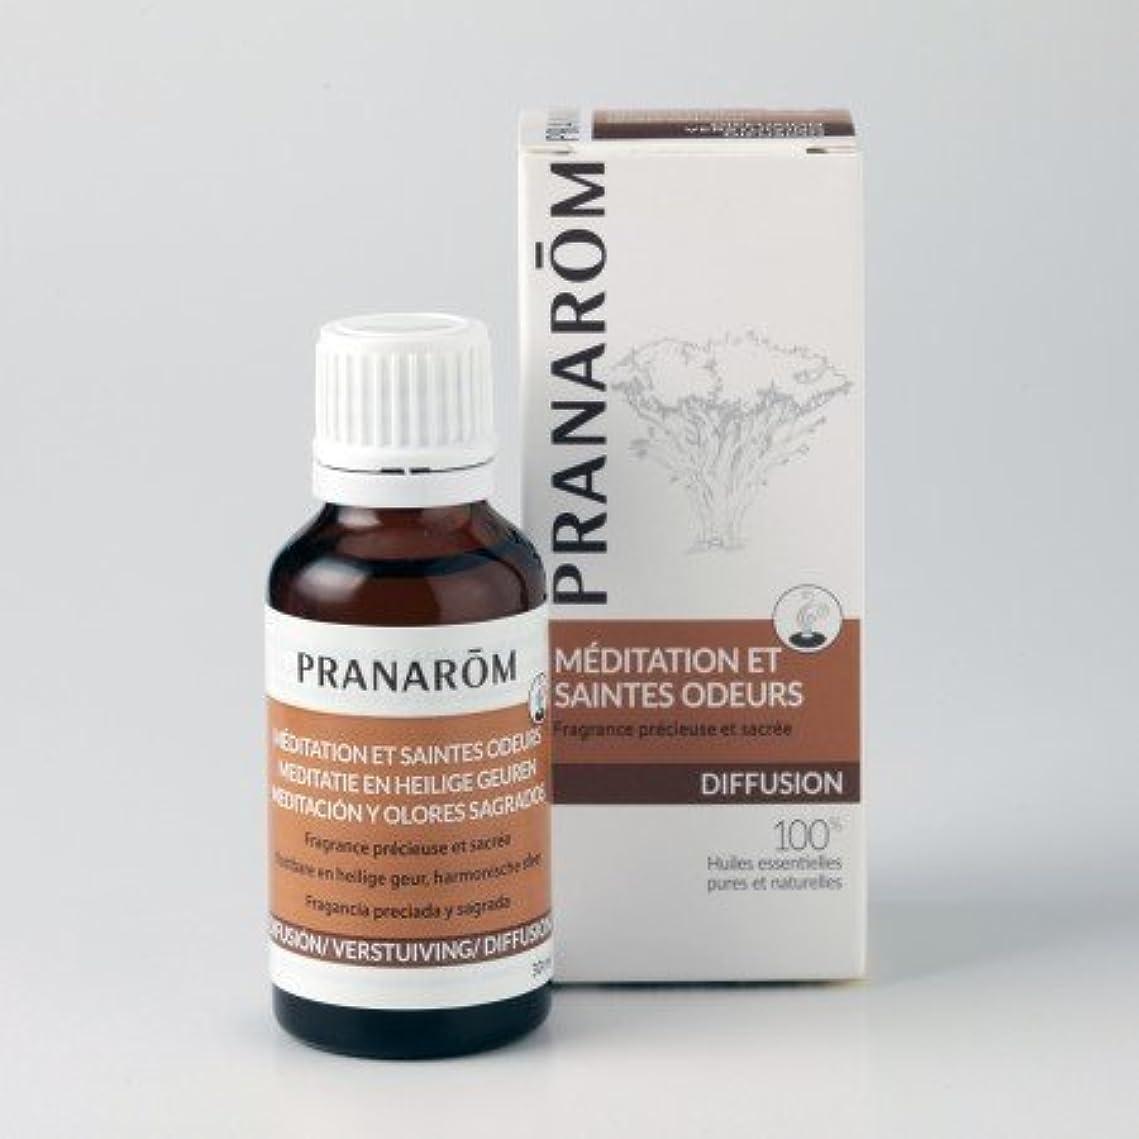 影響力のある金貸し同情的プラナロム ( PRANAROM ) ルームコロン 瞑想へのいざない メディテーション 30ml 02588 エアフレッシュナー ( 芳香剤 )